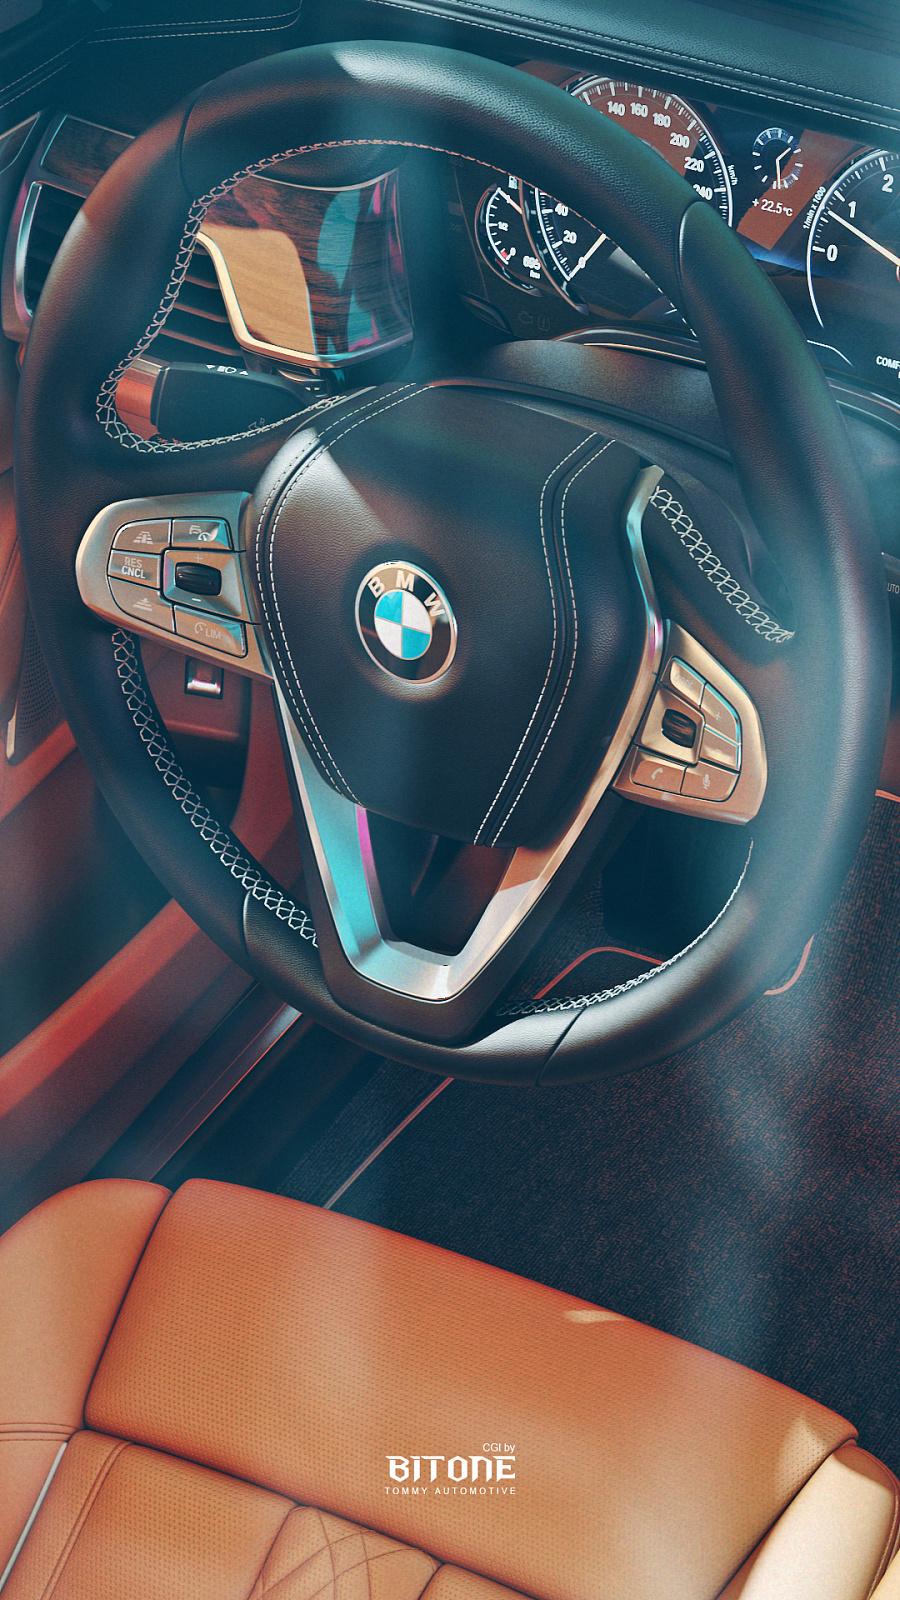 查看《CGI BMW 750Li》原图,原图尺寸:1080x1920